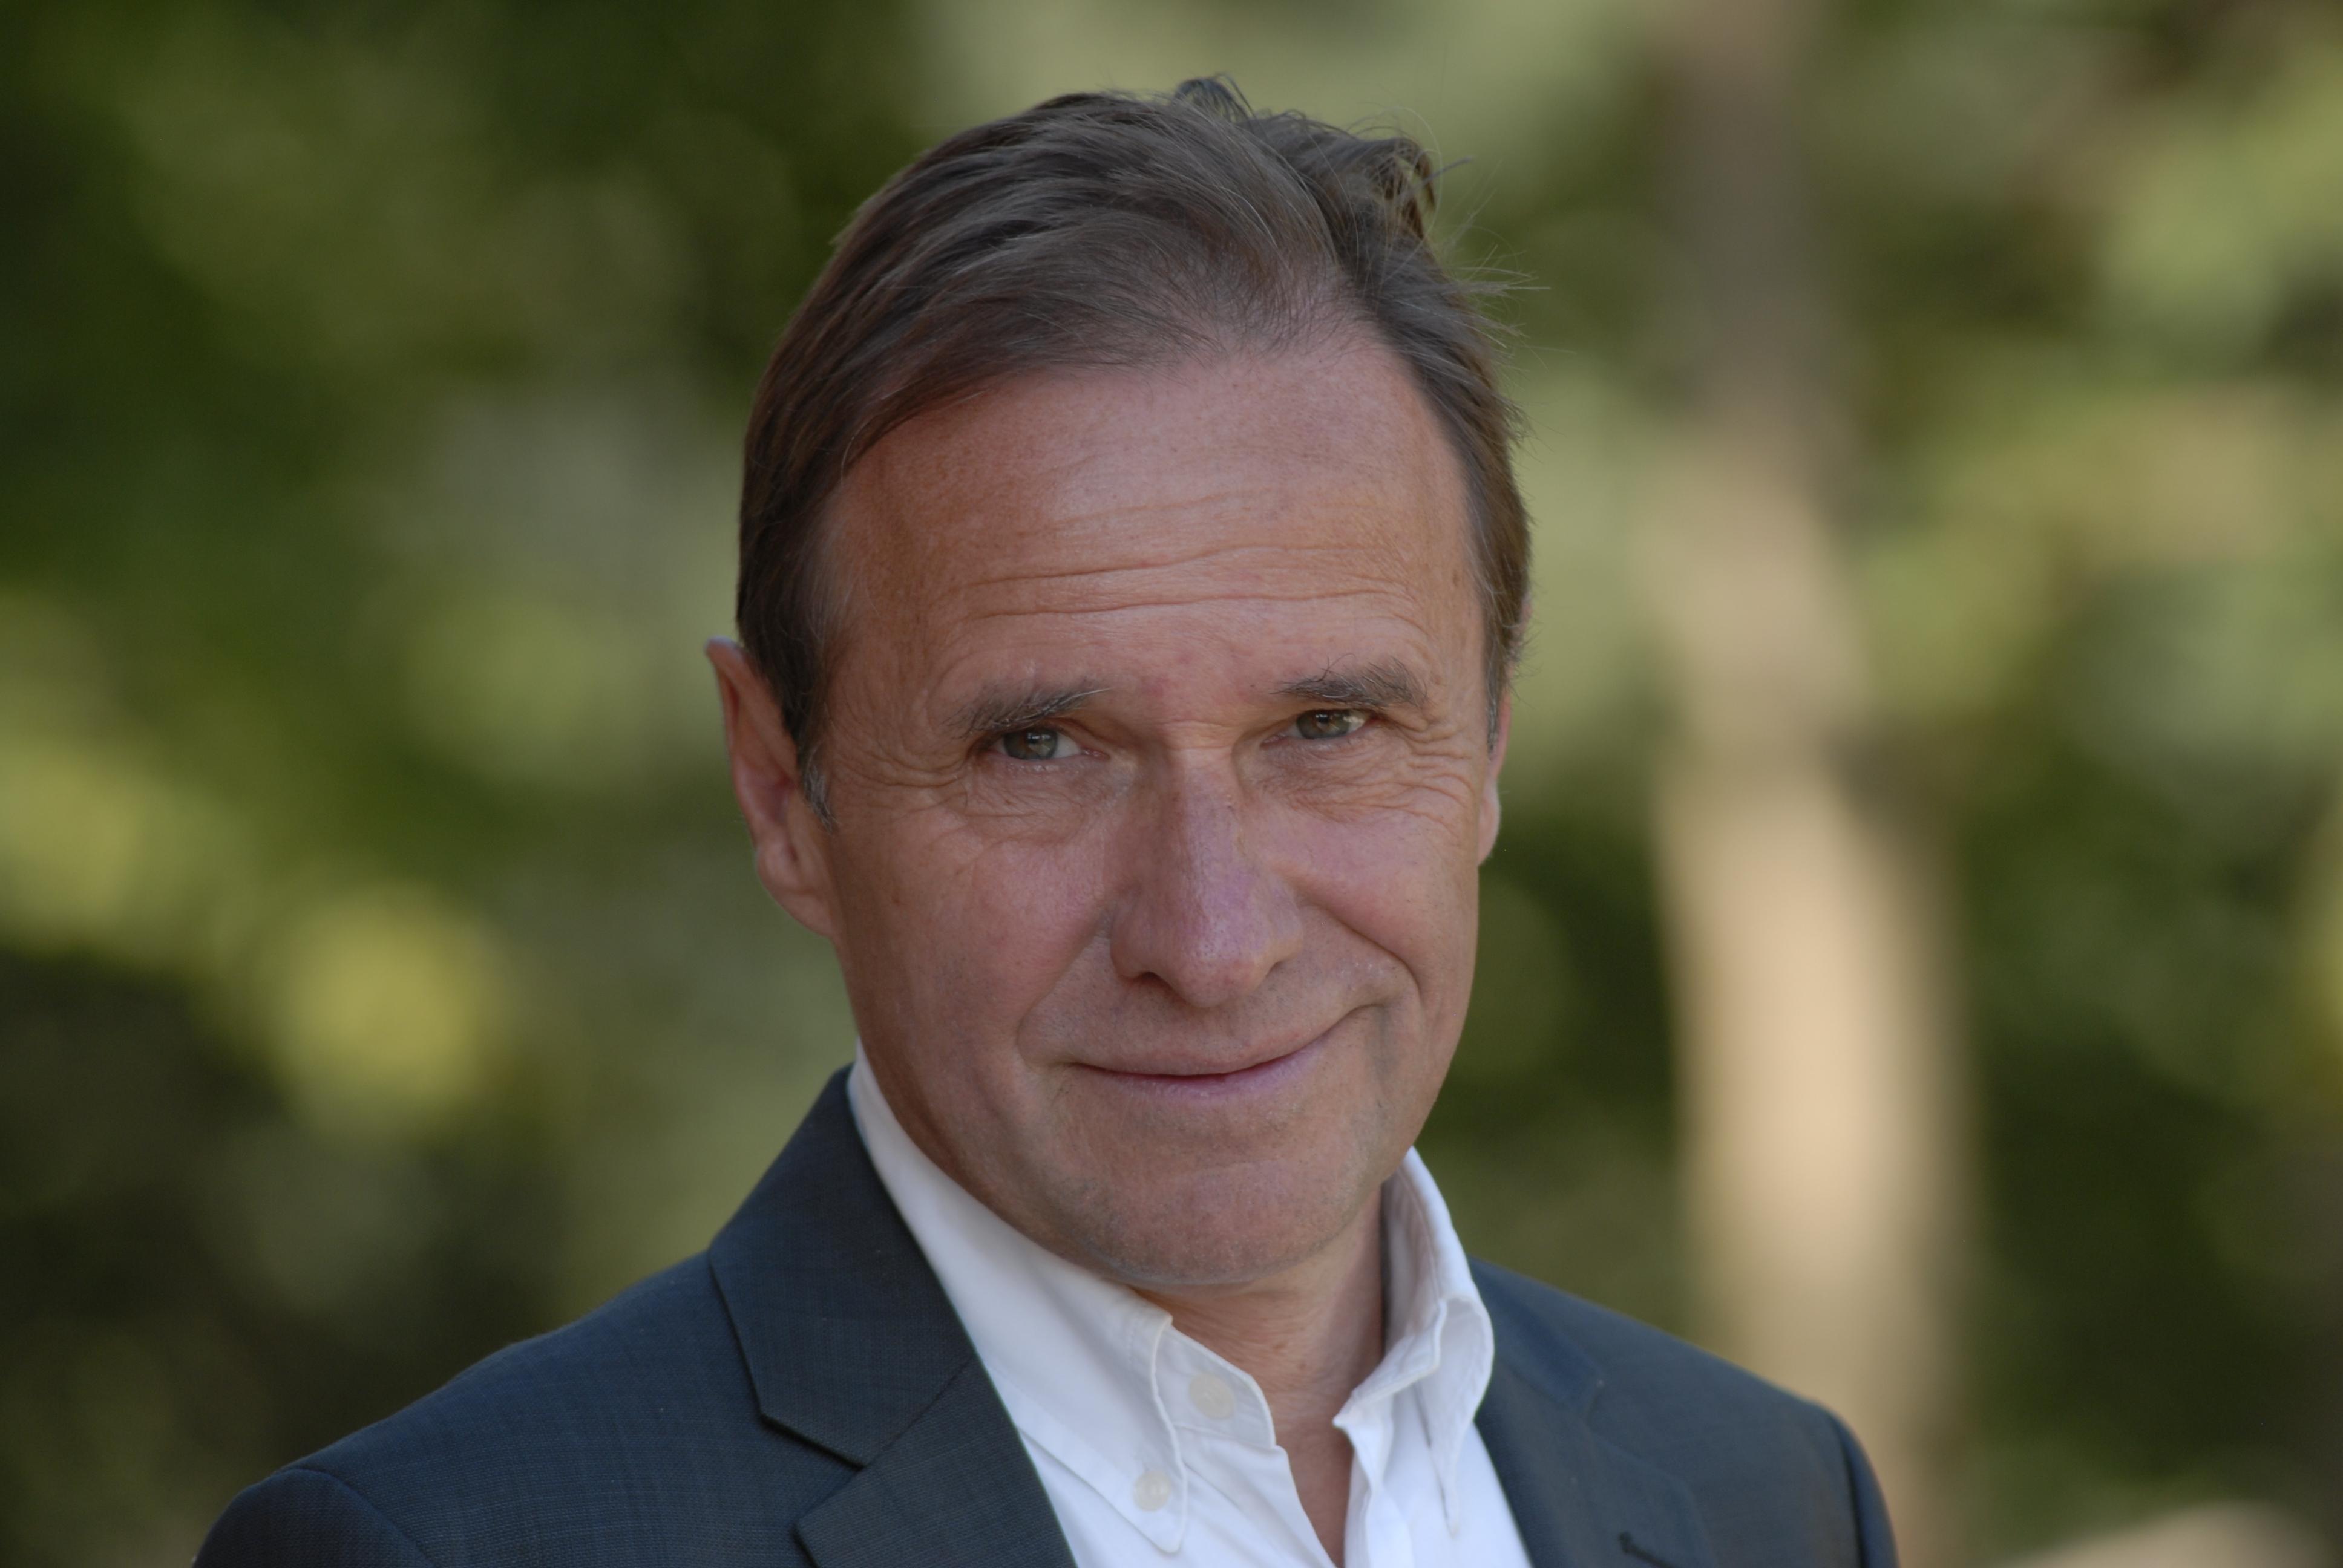 Porträtfoto von Reiner Klingholz, er trägt ein weißes Hemd, ein schwarzes Jacket und hat kurzes, braunes Haar.